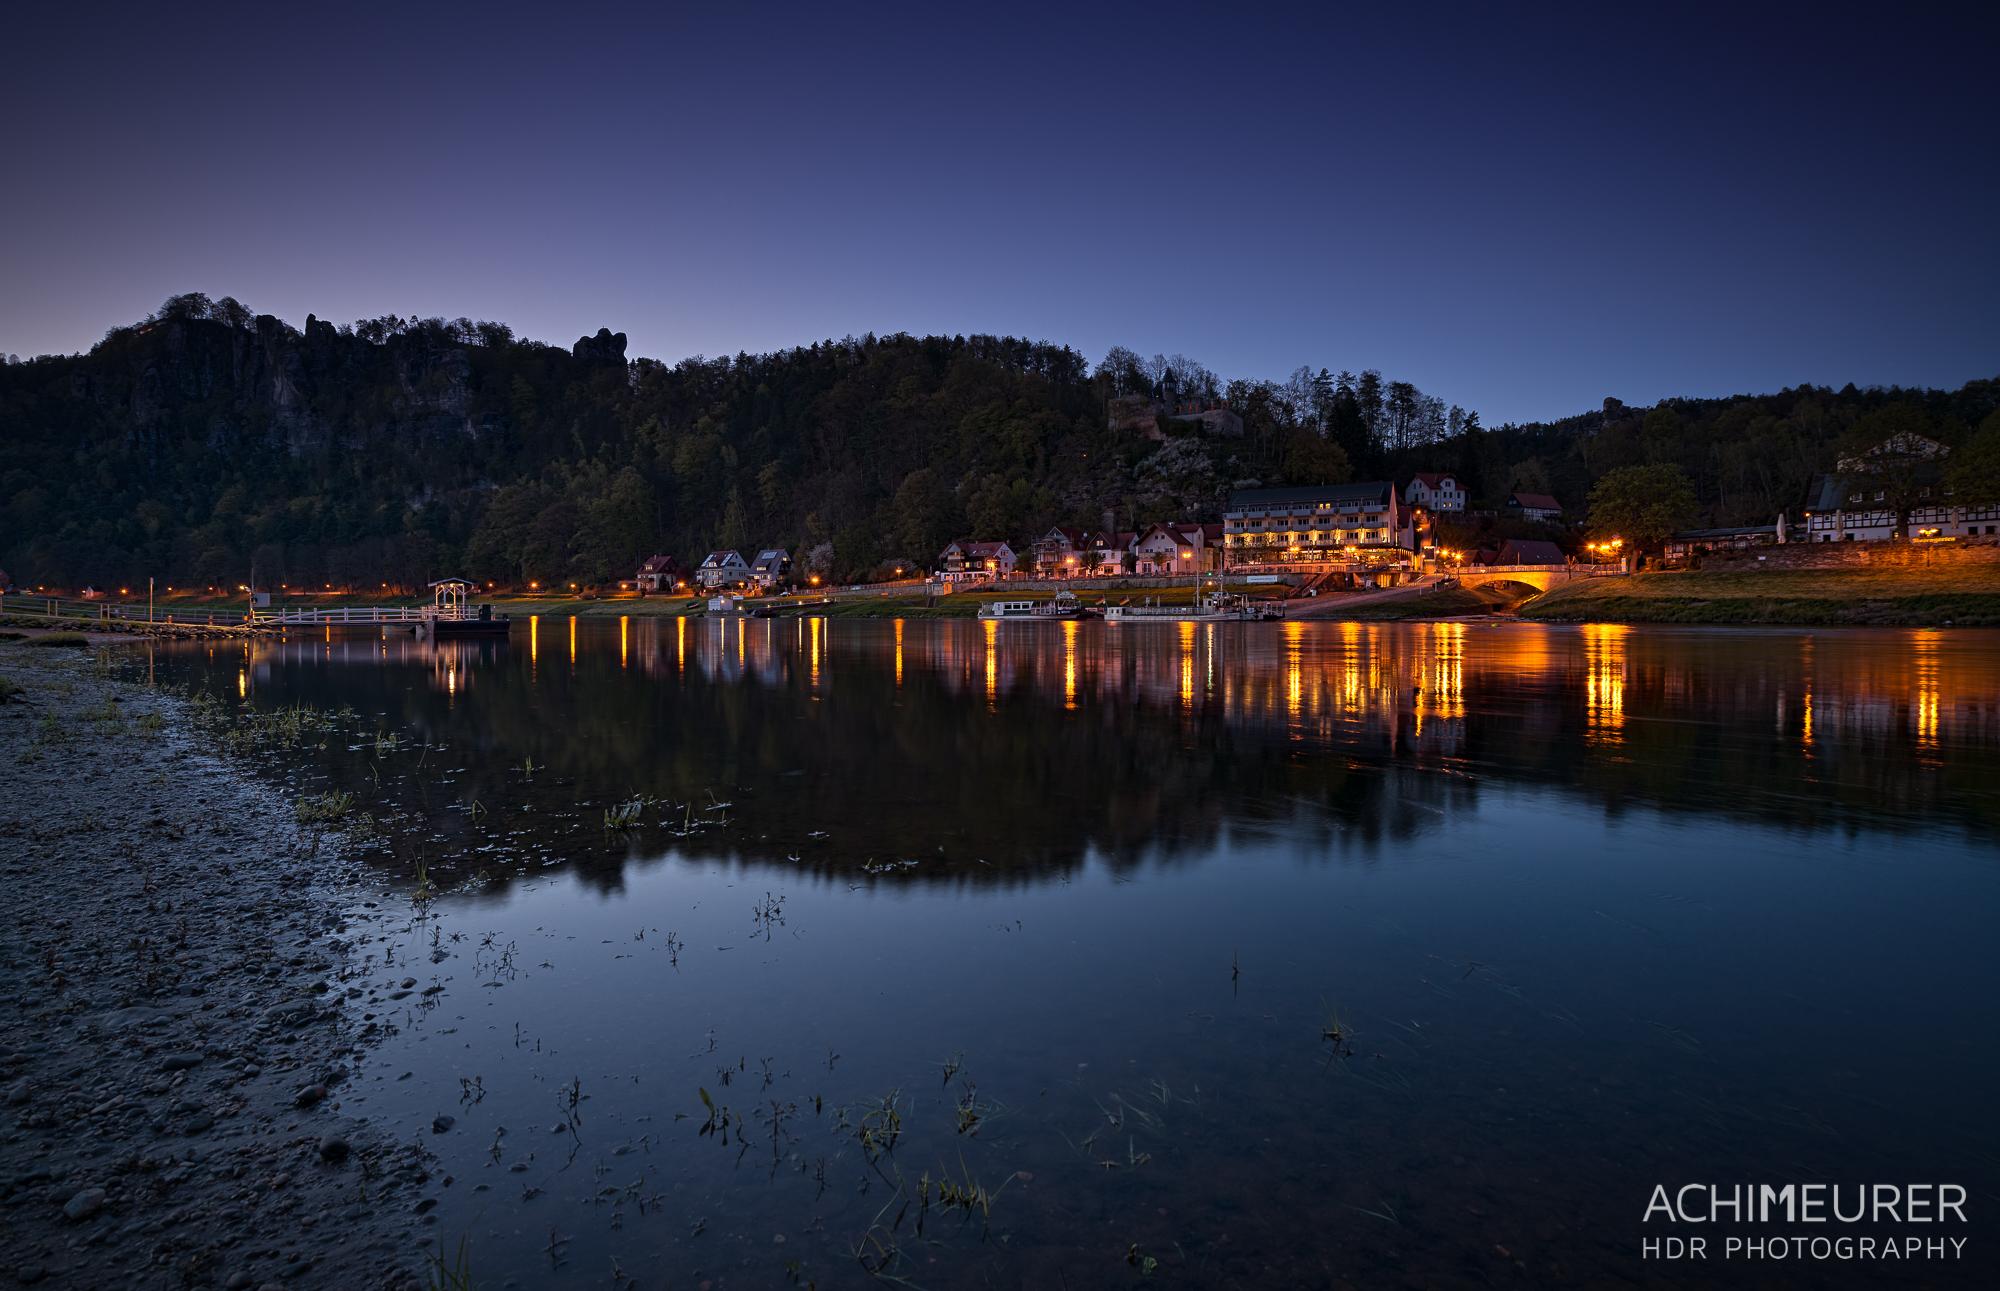 Saechsische-Schweiz-Rathen-Blaue-Stunde_9132_31_30_29_28_HDR